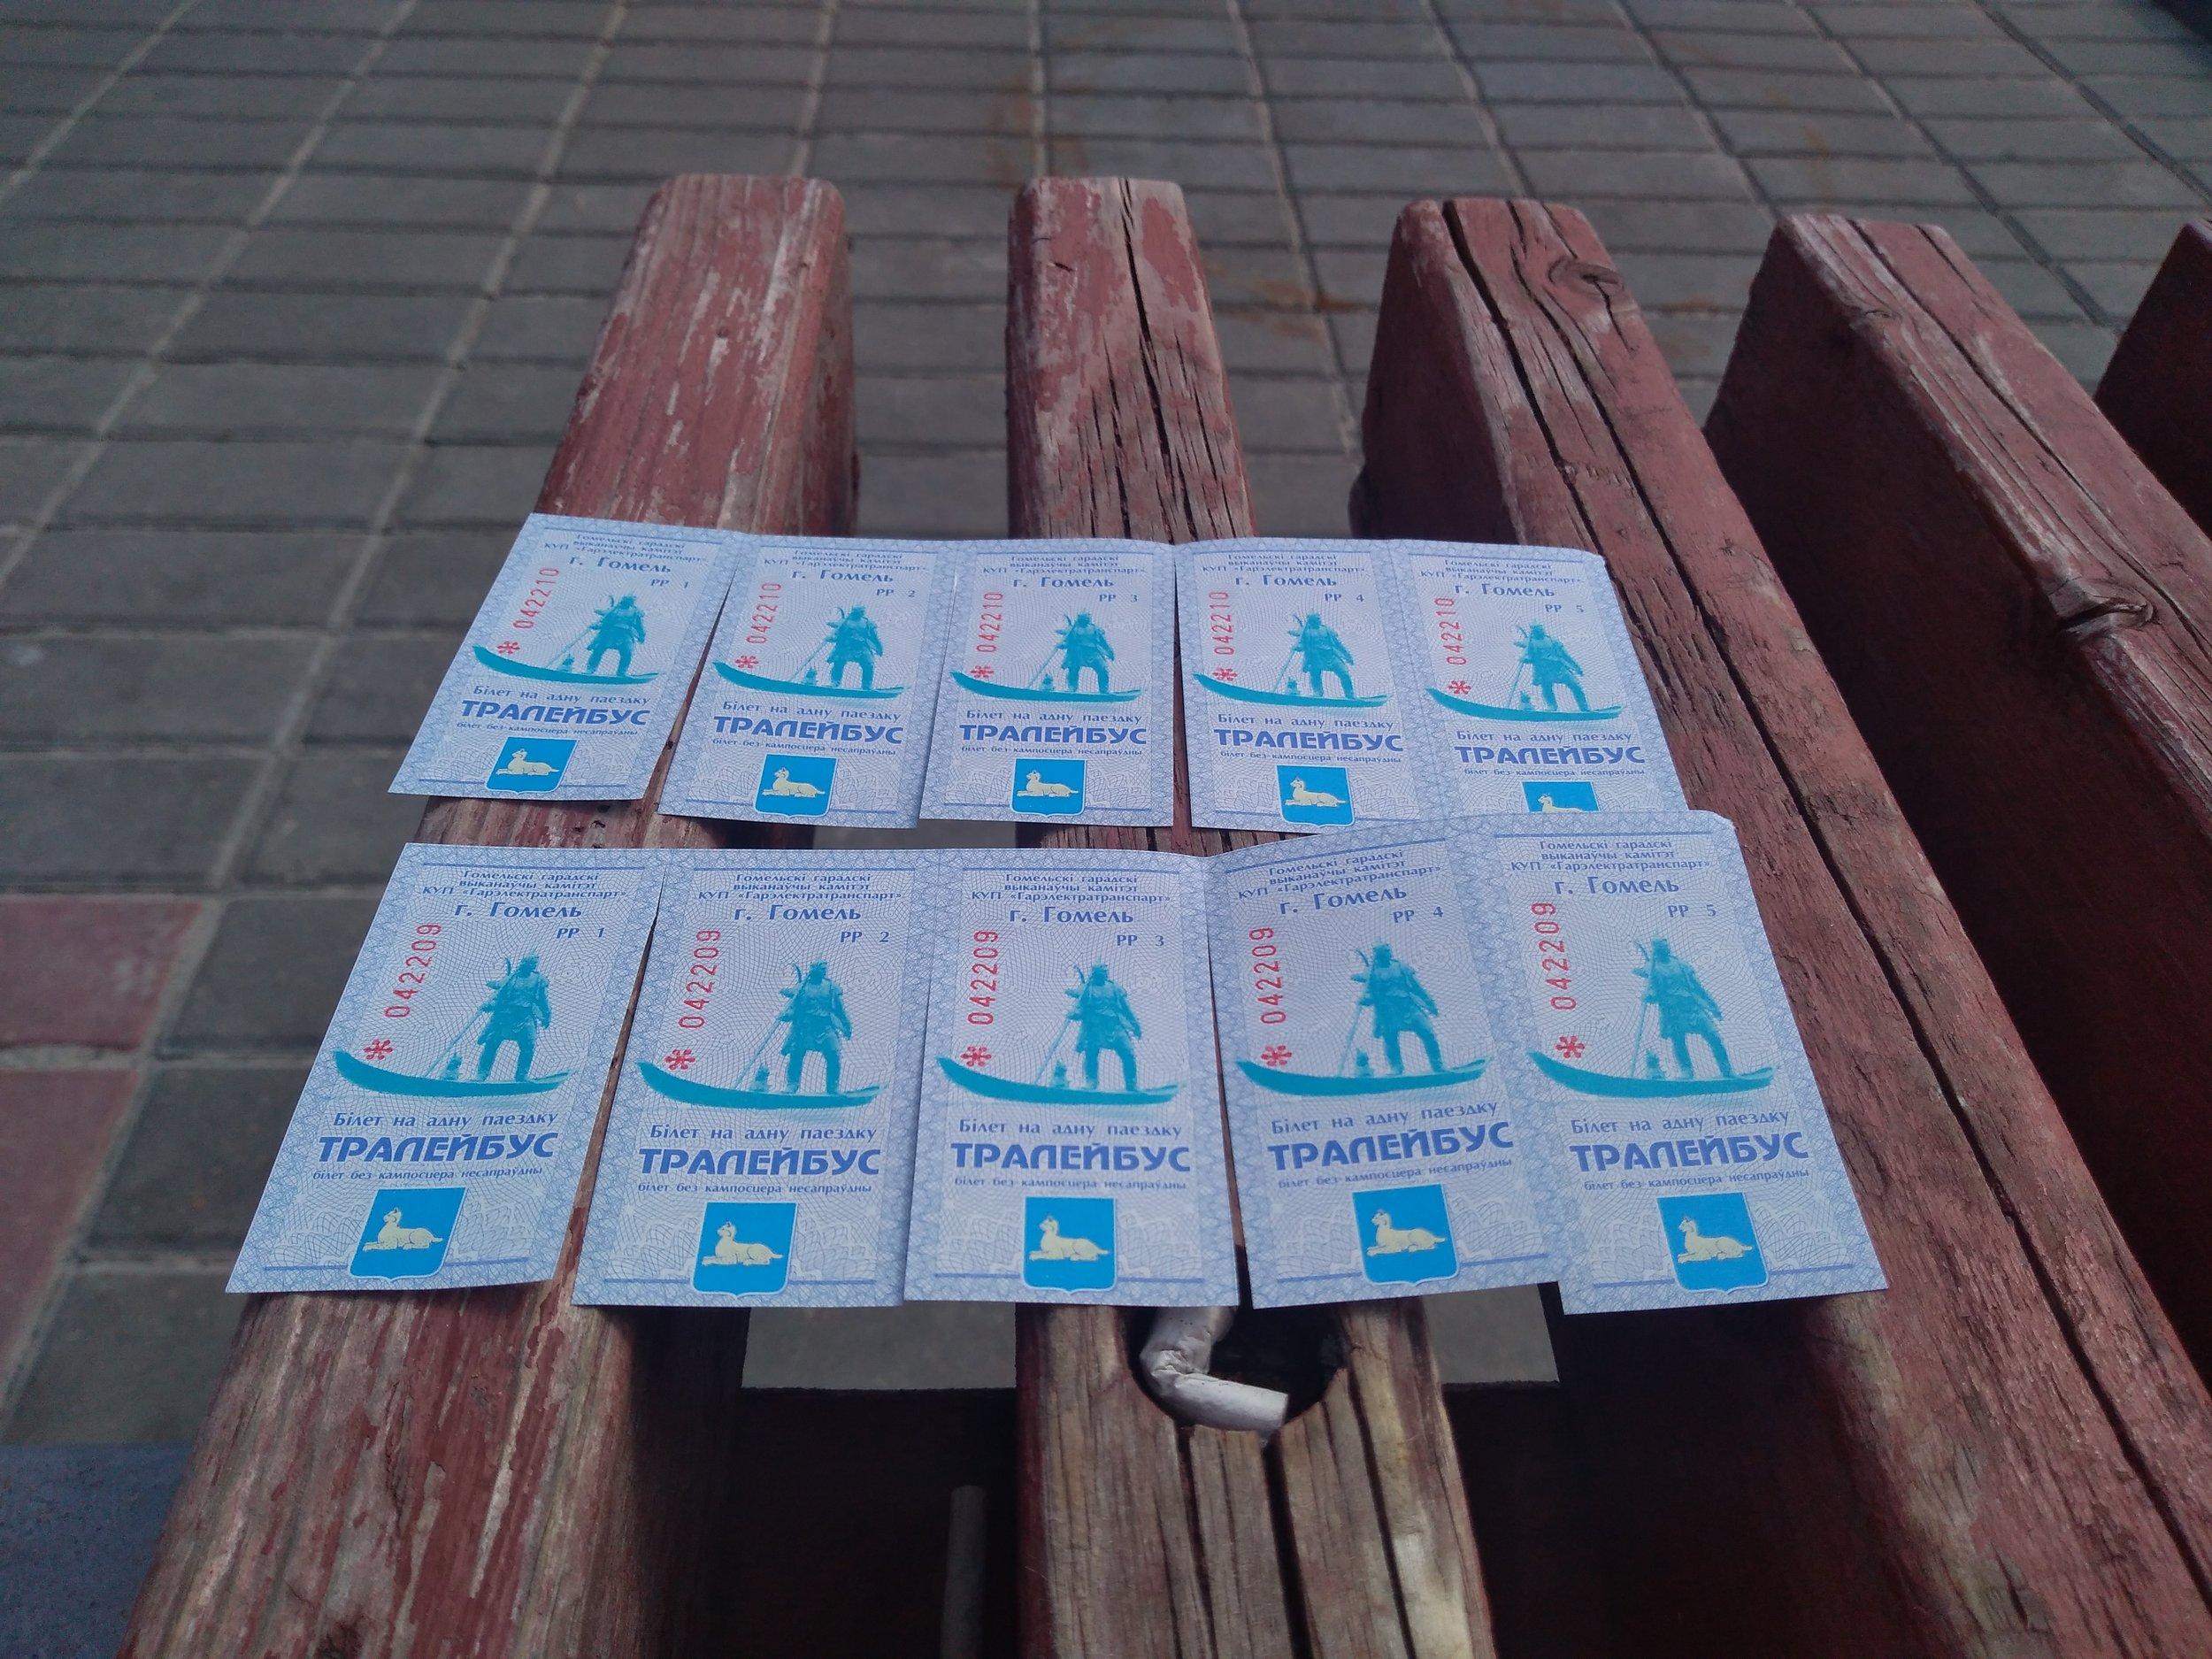 V Homelu si je nutné pro potřeby intenzivního cestování nutné kupovat takovéto pětikusé aršíky, protože ani v tomto městě, stejně jako nikde v Bělorusku, si člověk nekoupí celodenní tramvajové či trolejbusové jízdenky.